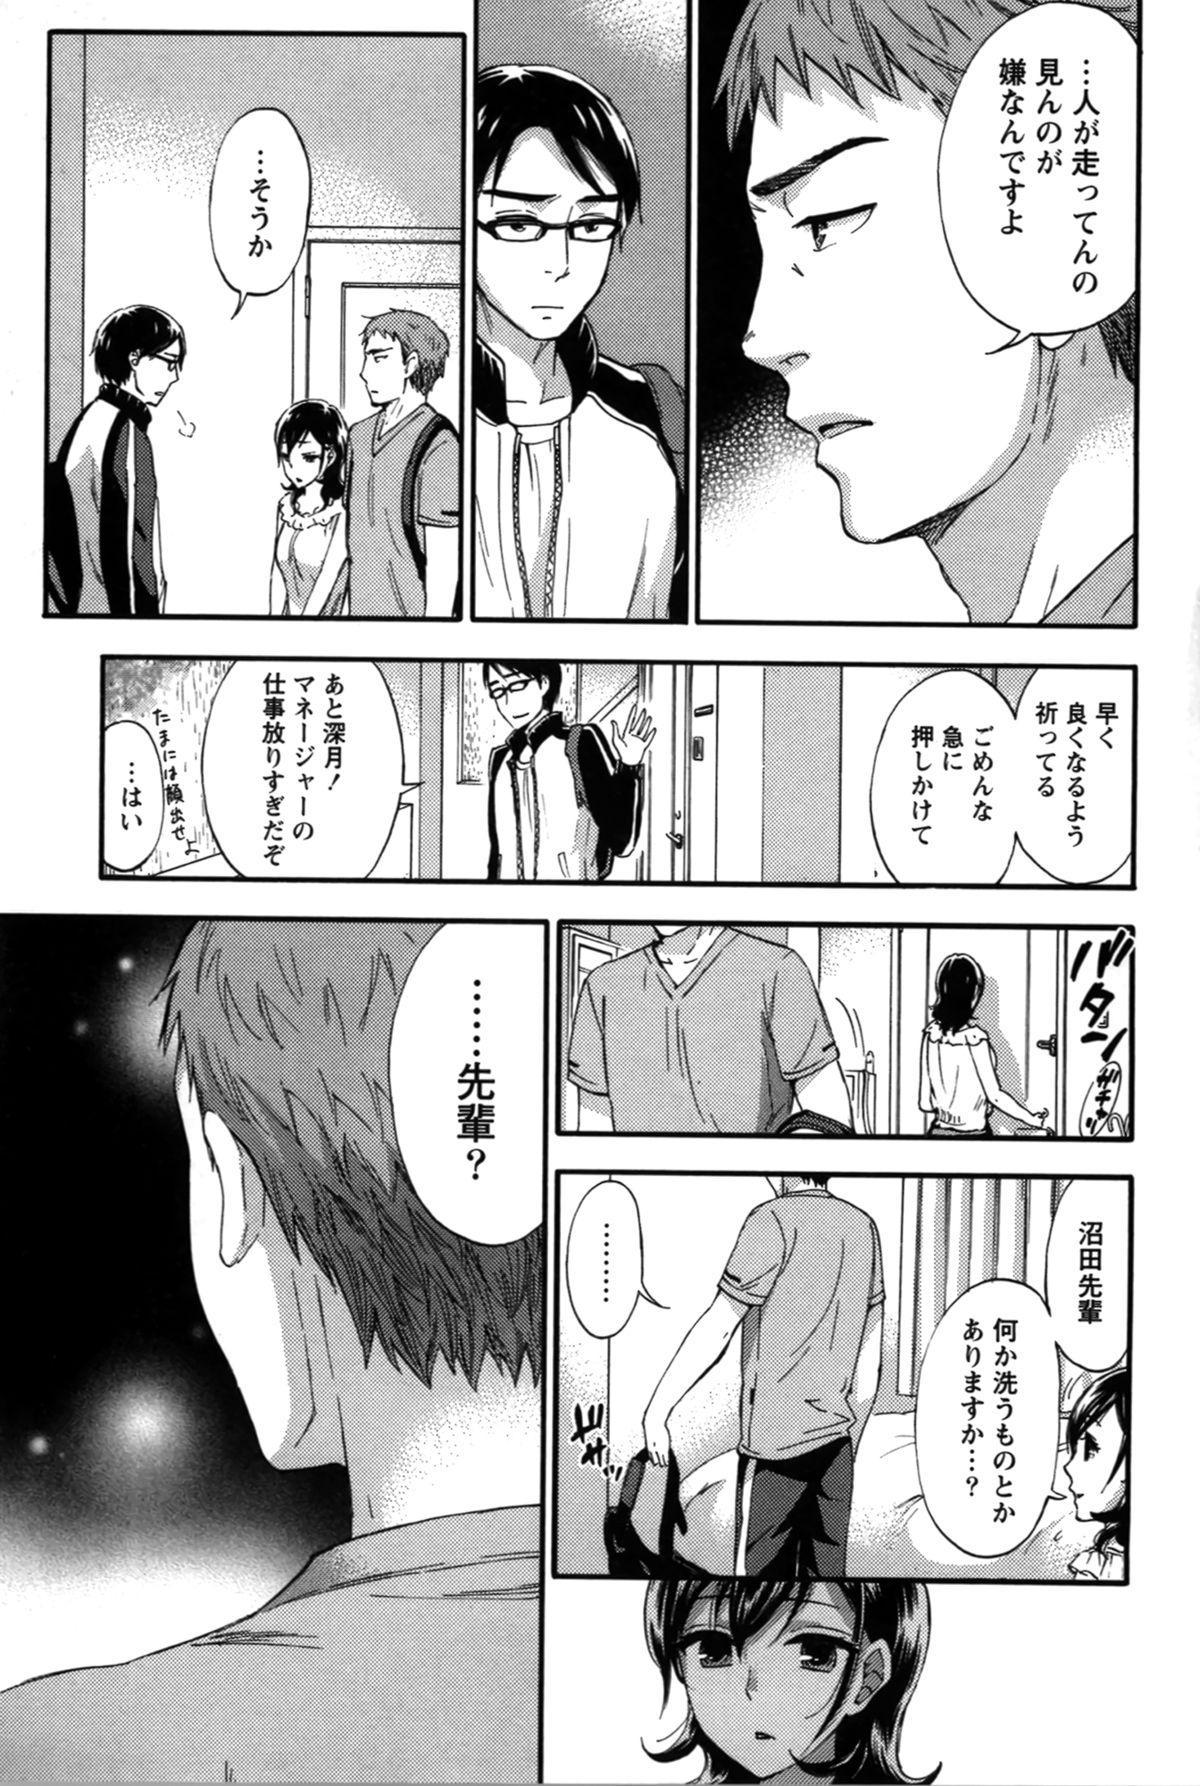 Anata to Watashi wa Warukunai 54